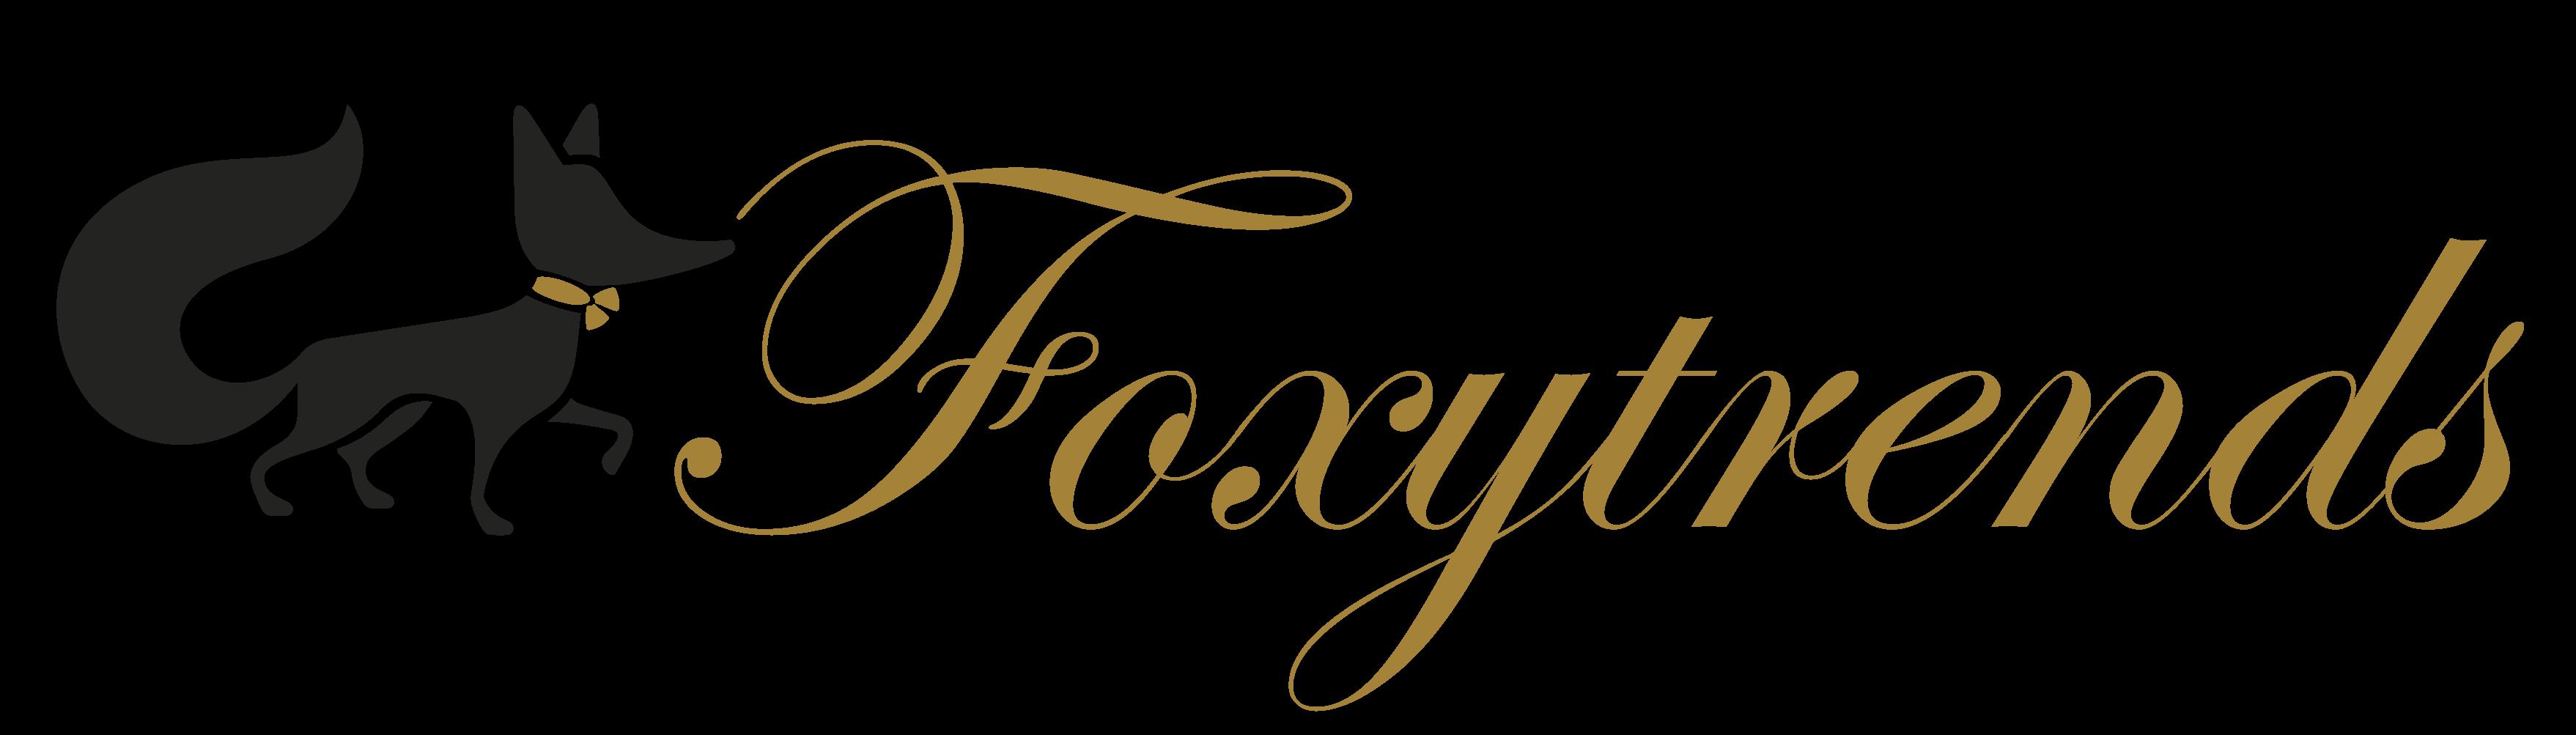 Foxytrends